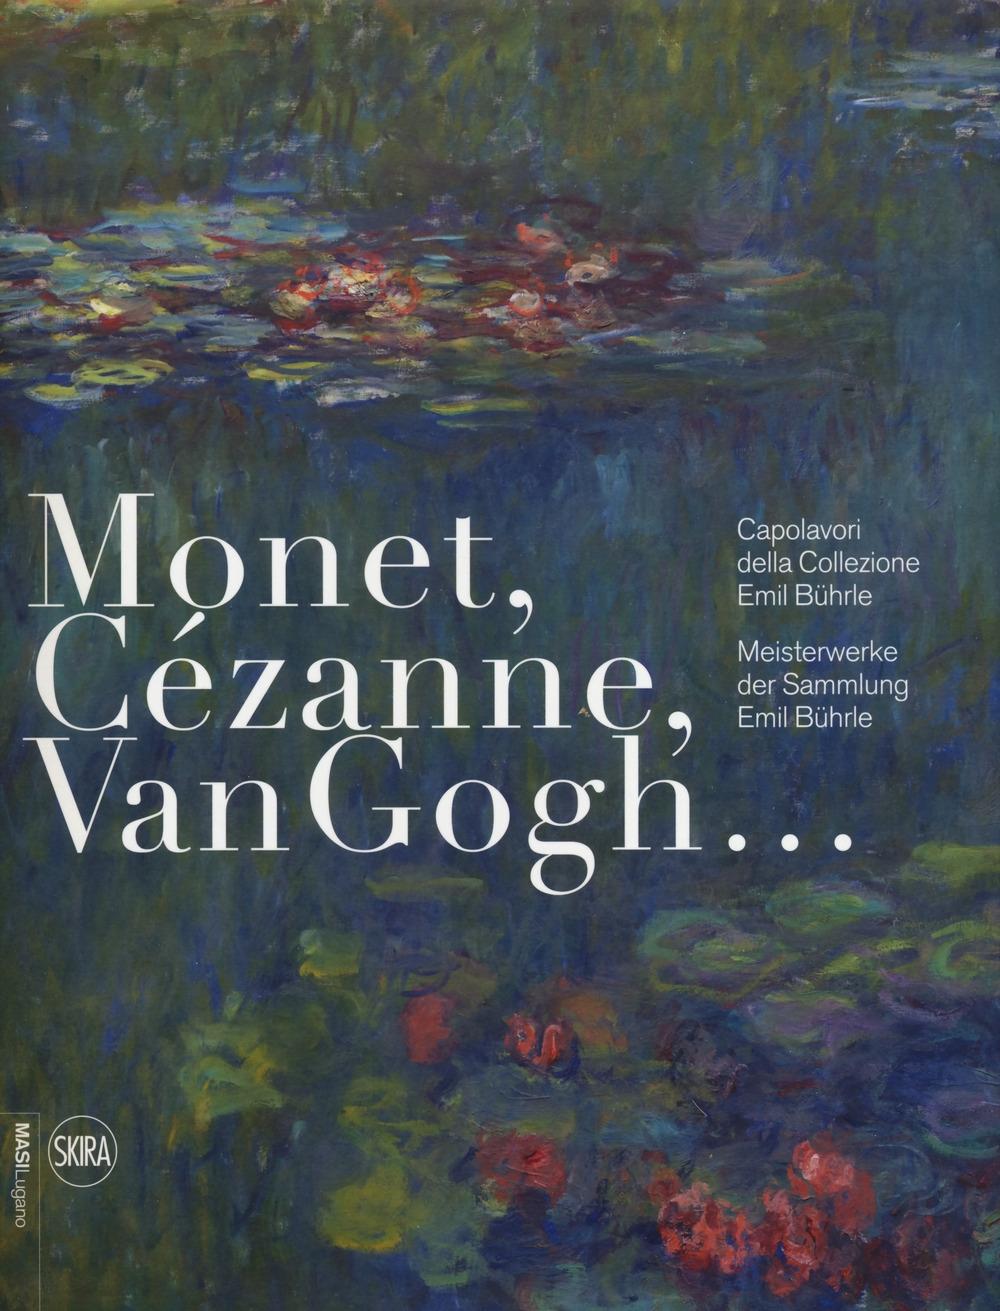 Monet, Cézanne, Van Gogh... Capolavori della Collezione Bührle